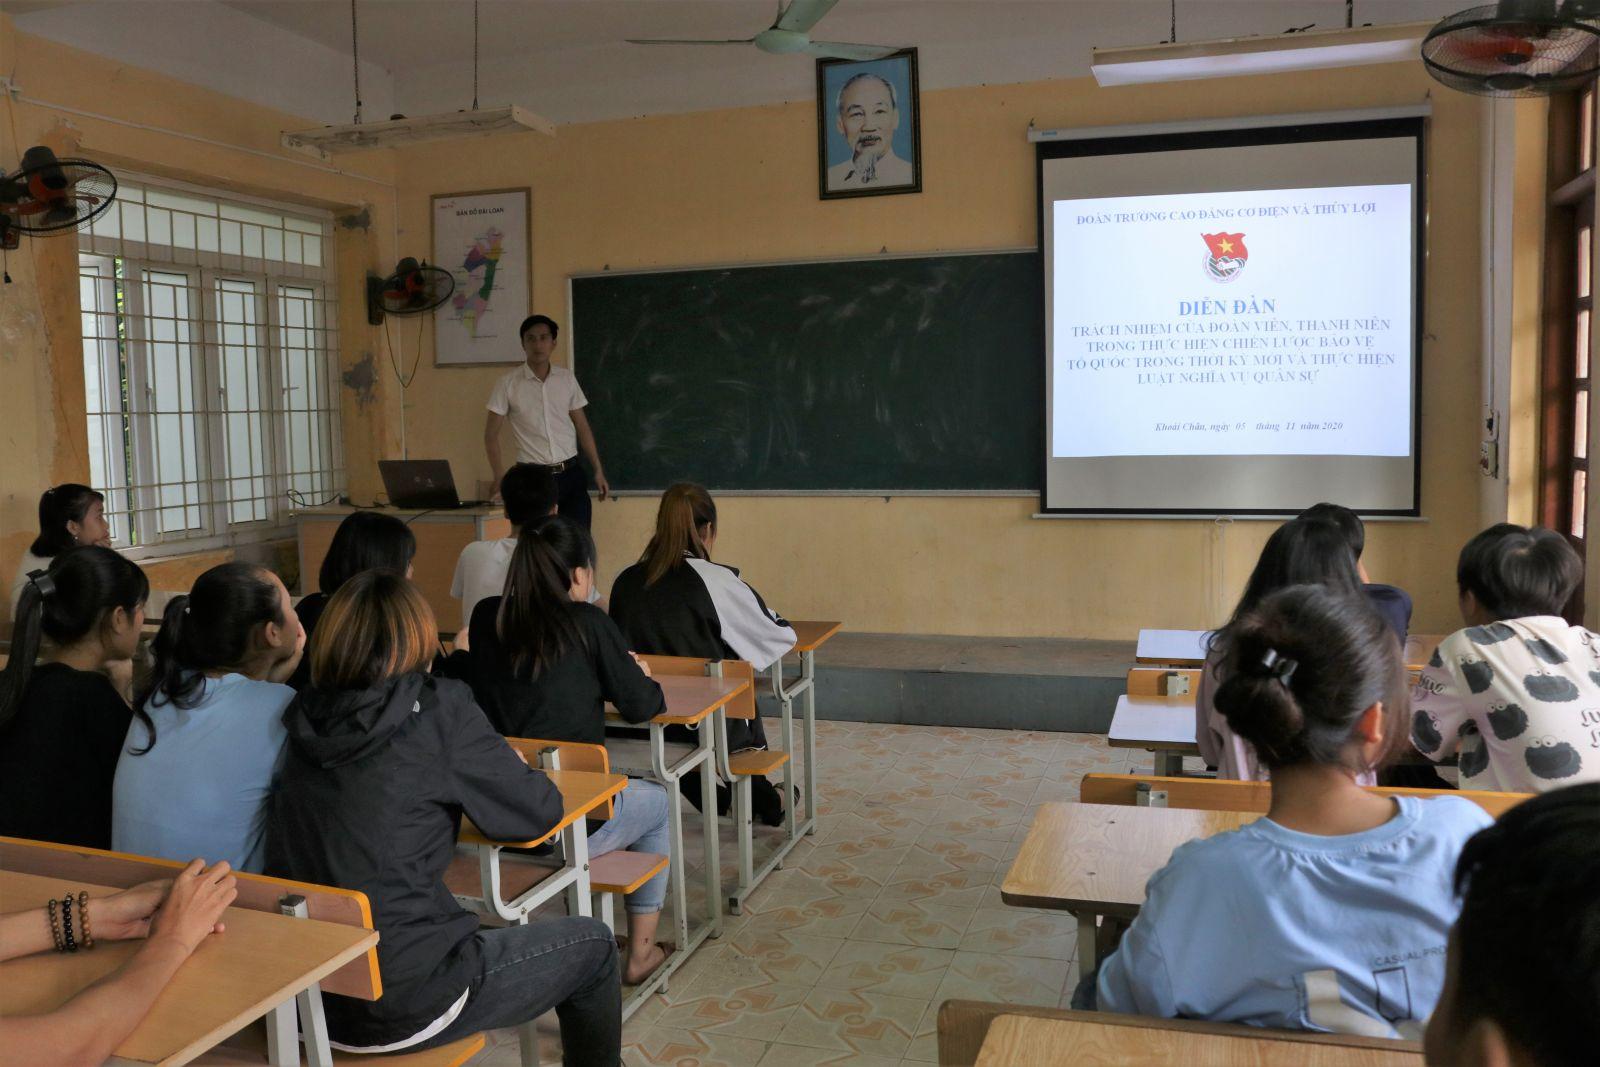 Đoàn trường Cao đẳng Cơ điện Thủy lợitổ chức Diễn đàntuyên truyền thực hiện Chiến lược bảo vệ Tổ quốc trong tình hình mới